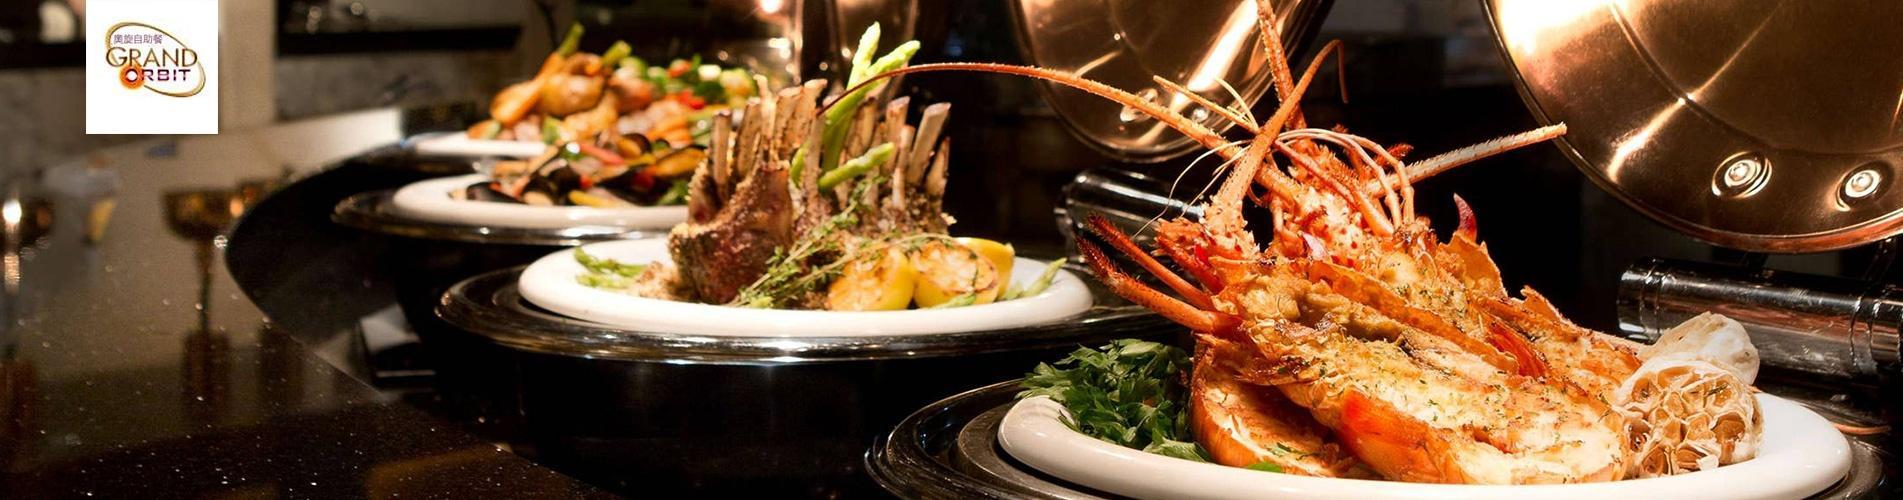 澳門金沙城奧旋餐廳自助餐 Grand Orbit Buffet